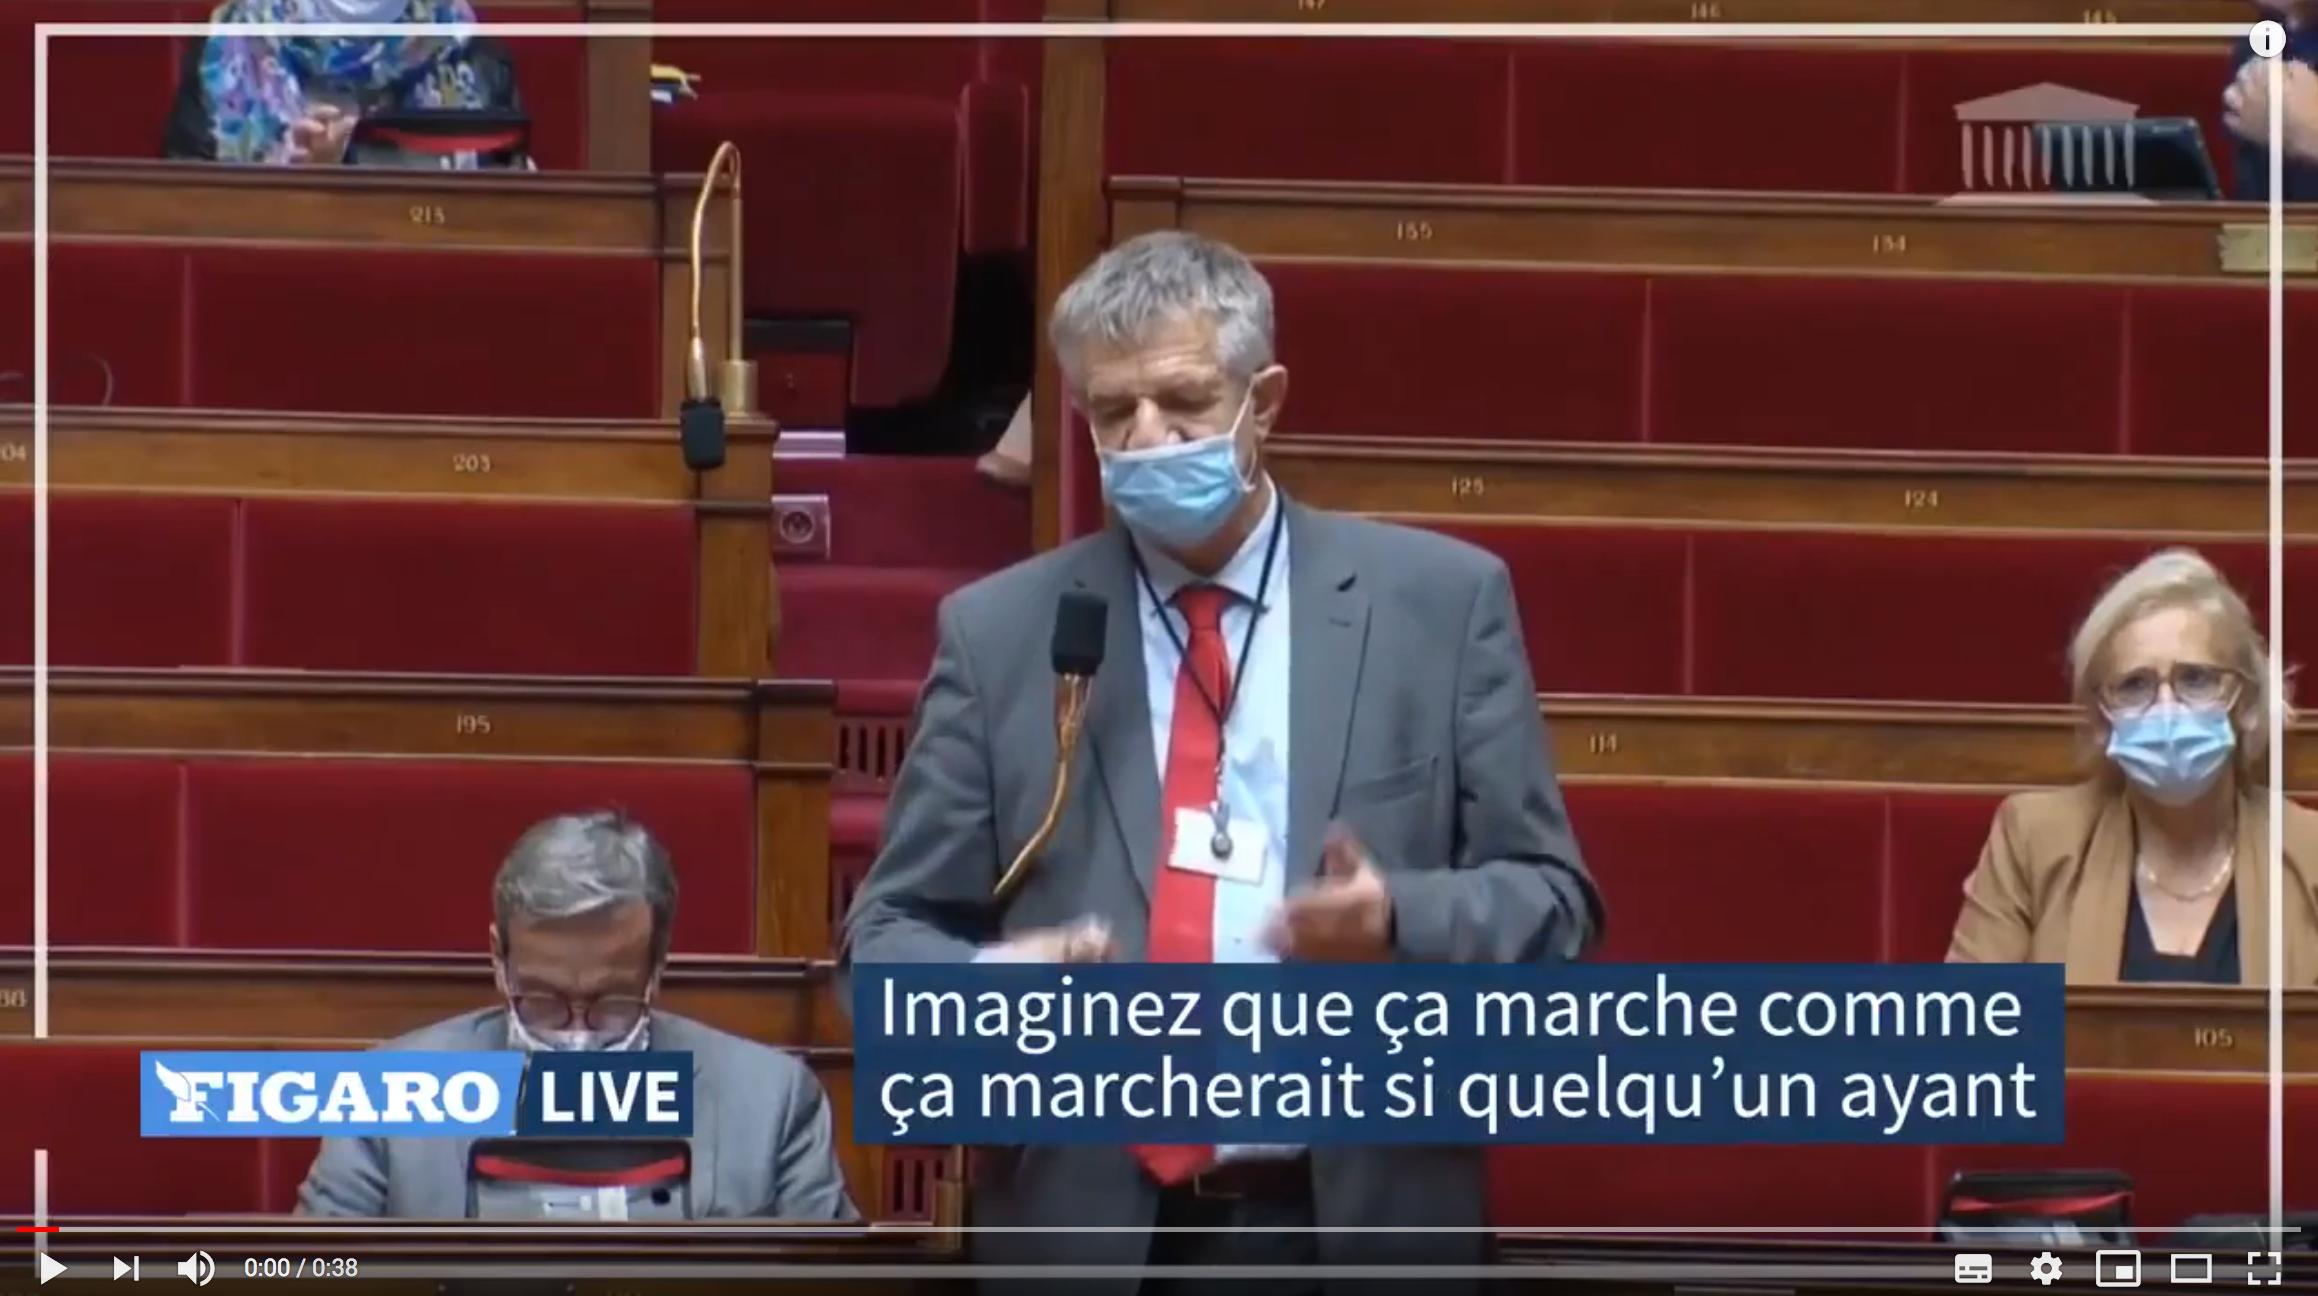 Jean Lassalle dézingue un député LREM et Emmanuel Macron à l'Assemblée nationale (VIDÉO)